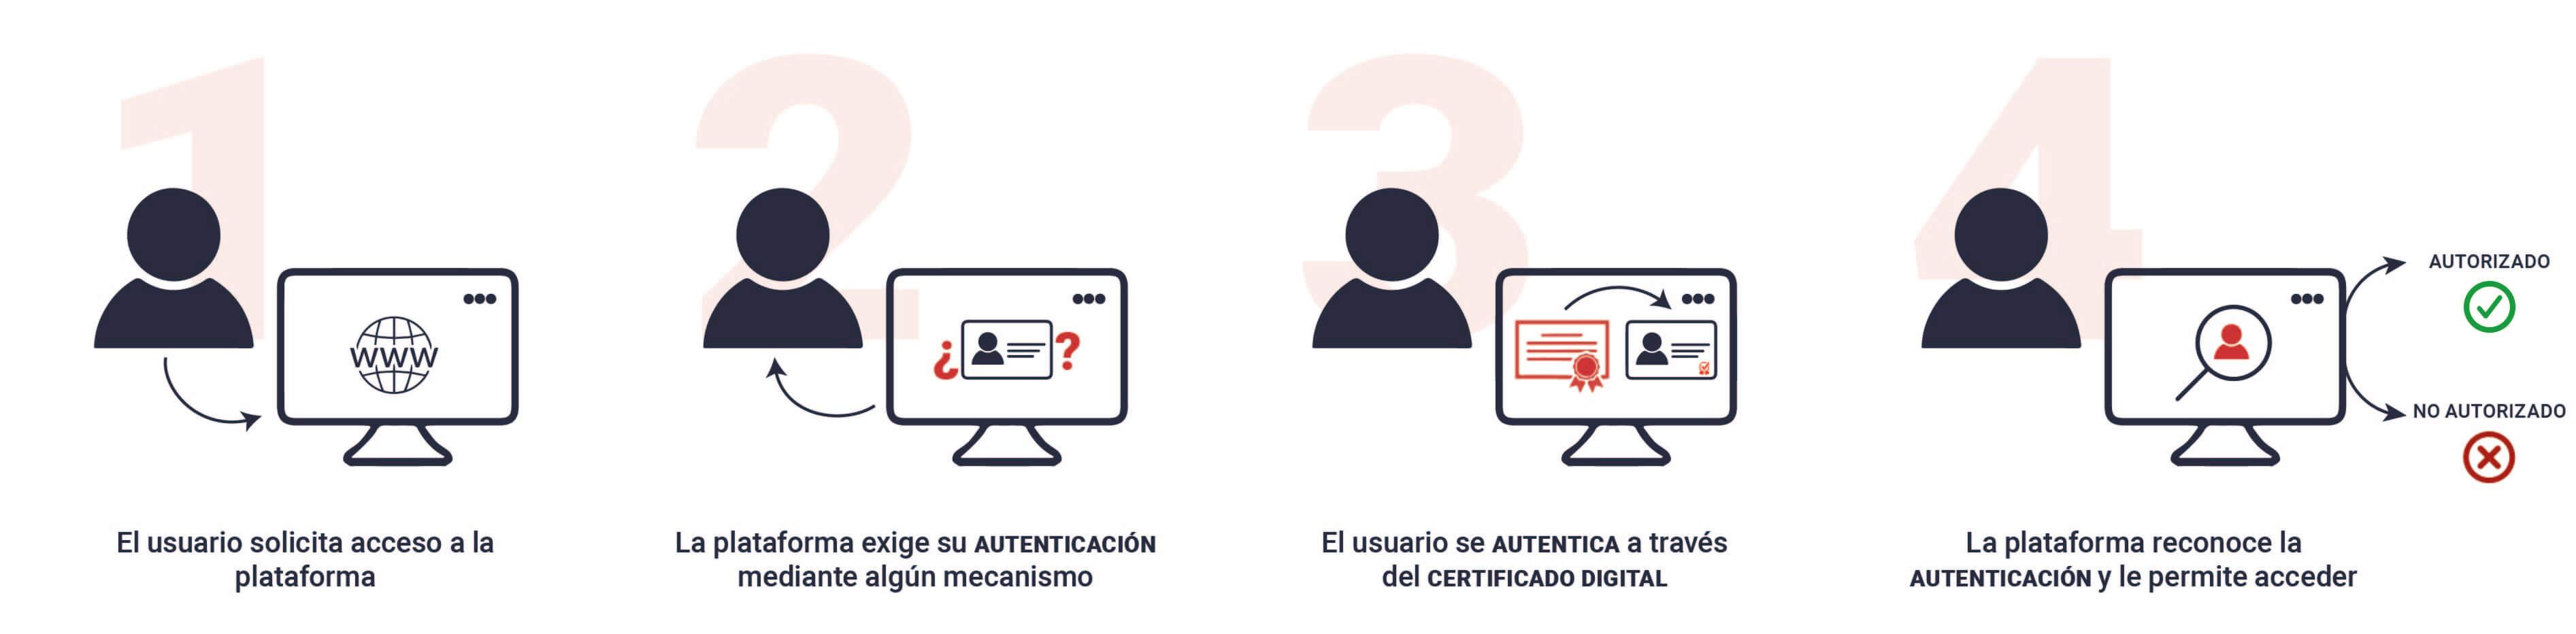 mecanismo-autenticacion-certificado-digital